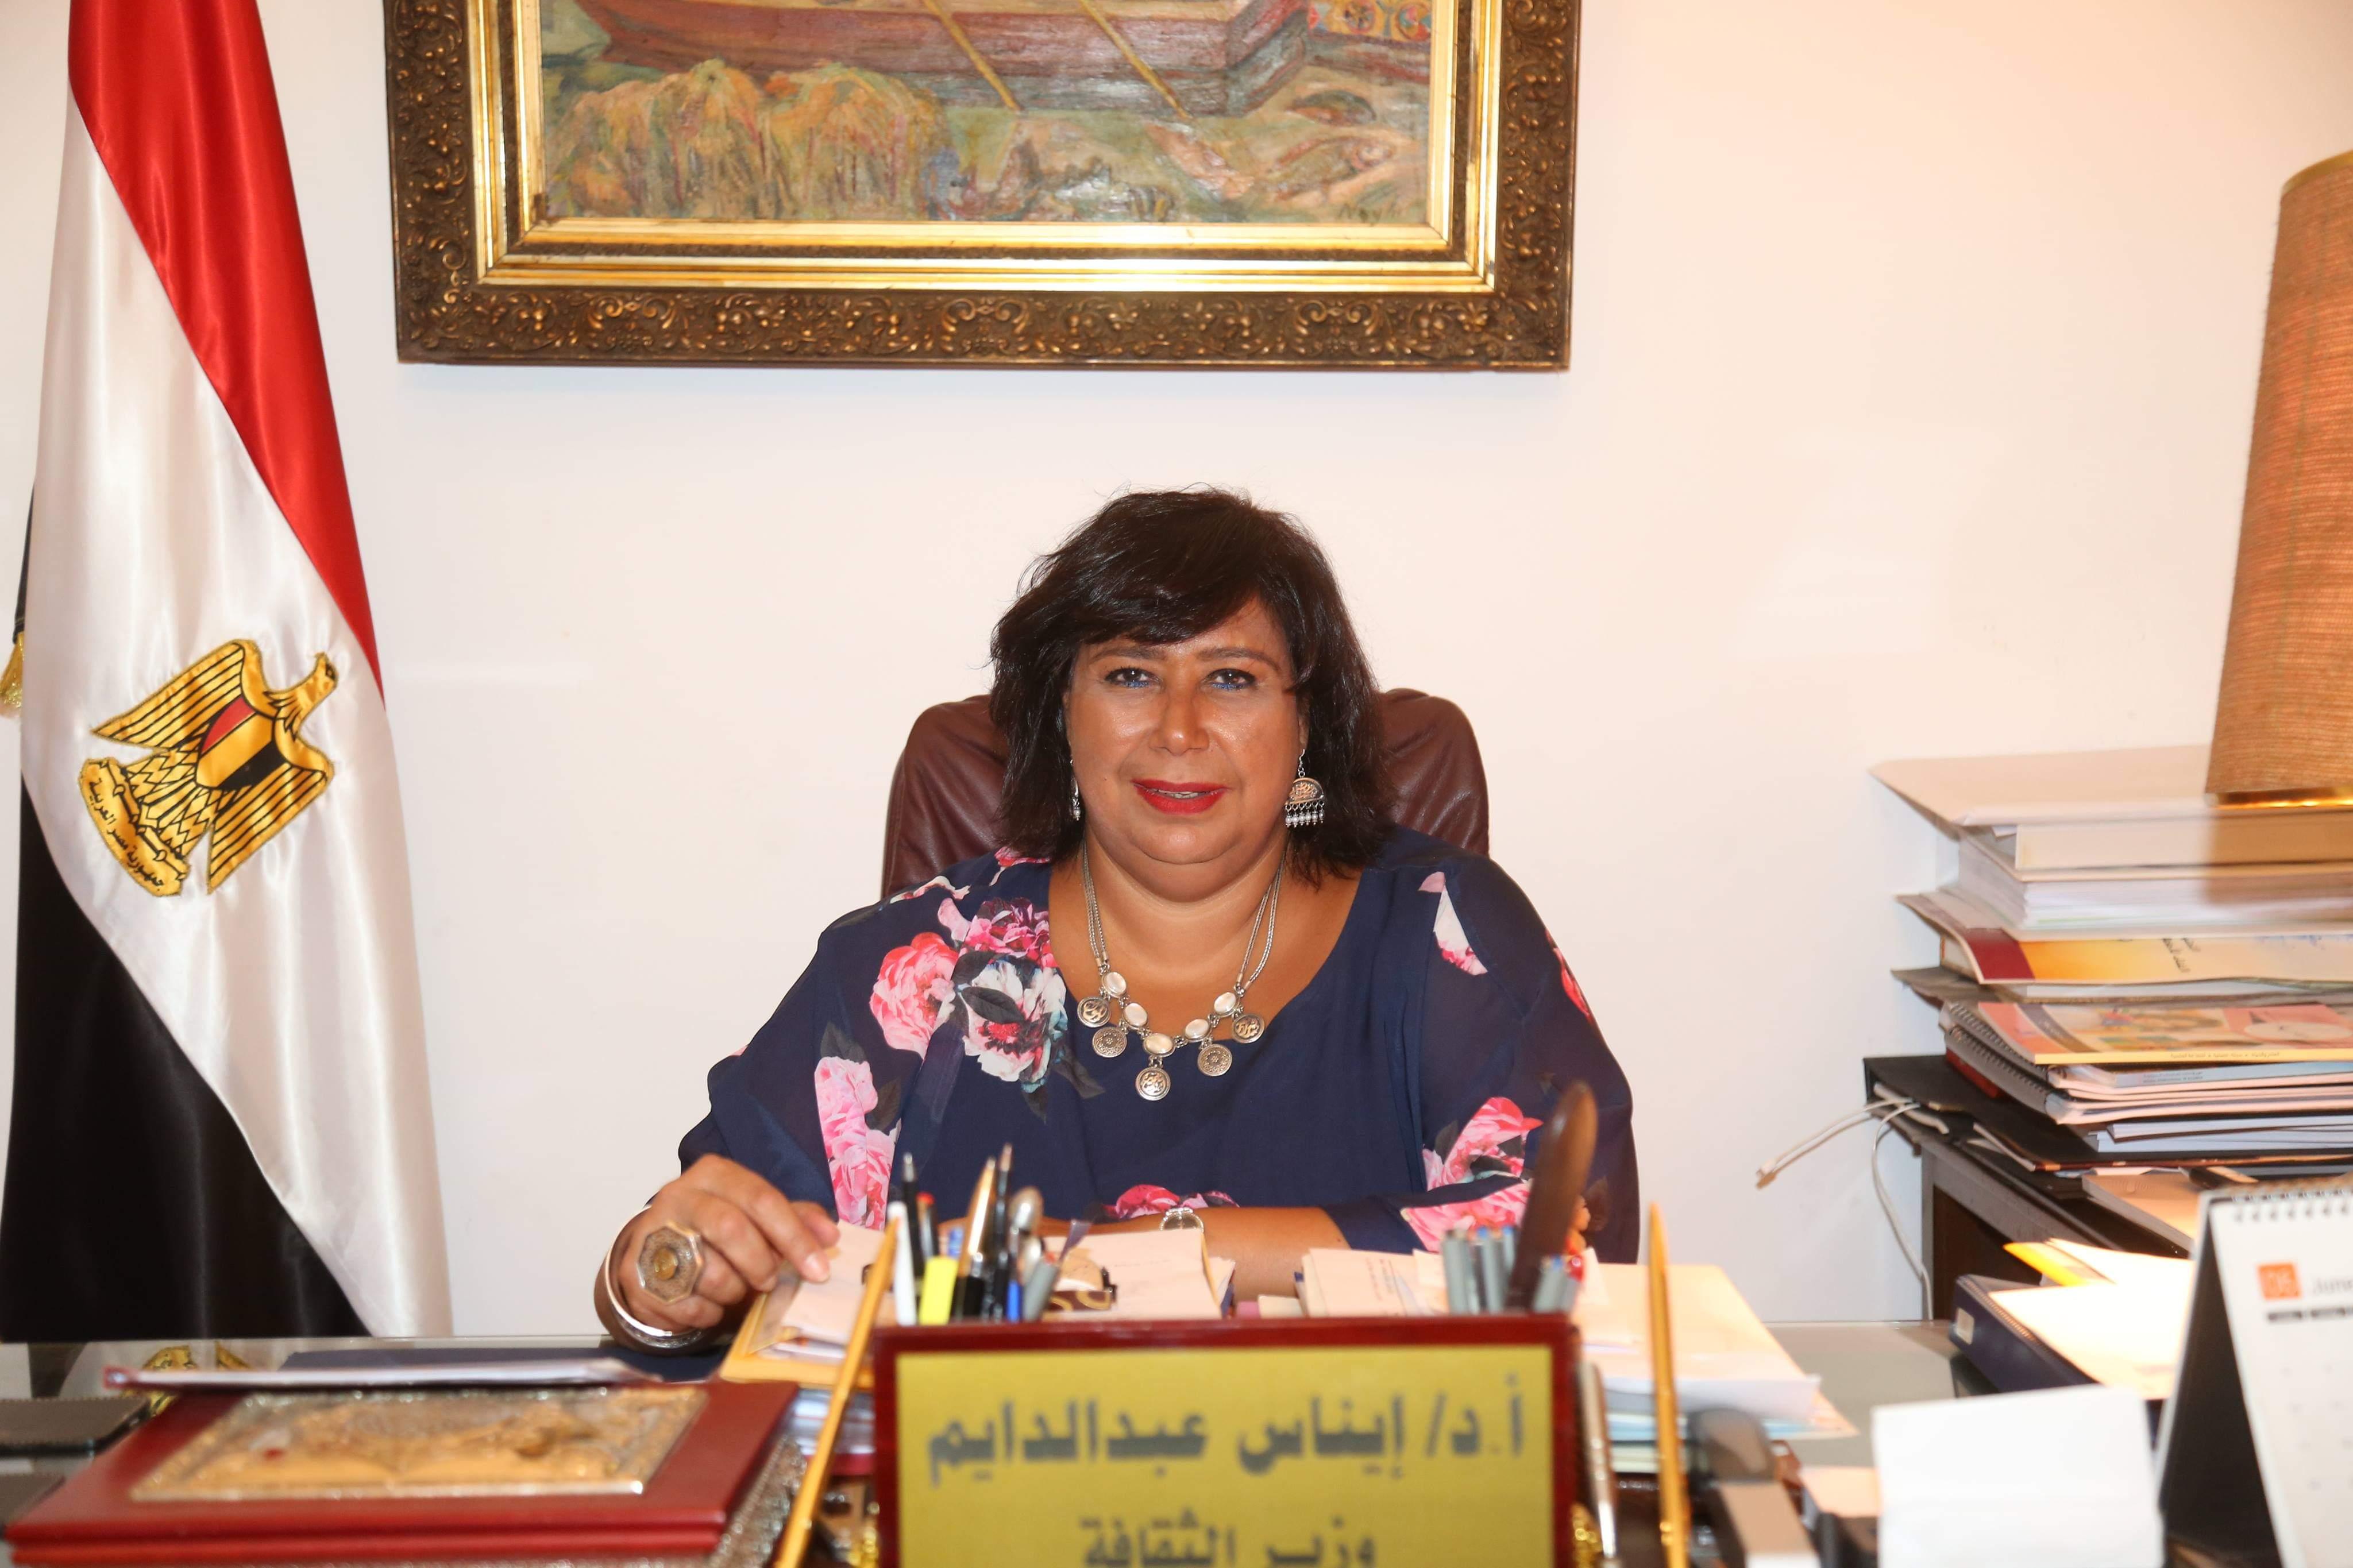 عبد الدايم: السينما المصرية والعربية فقدت صاحب النماذج الابداعية الخالده